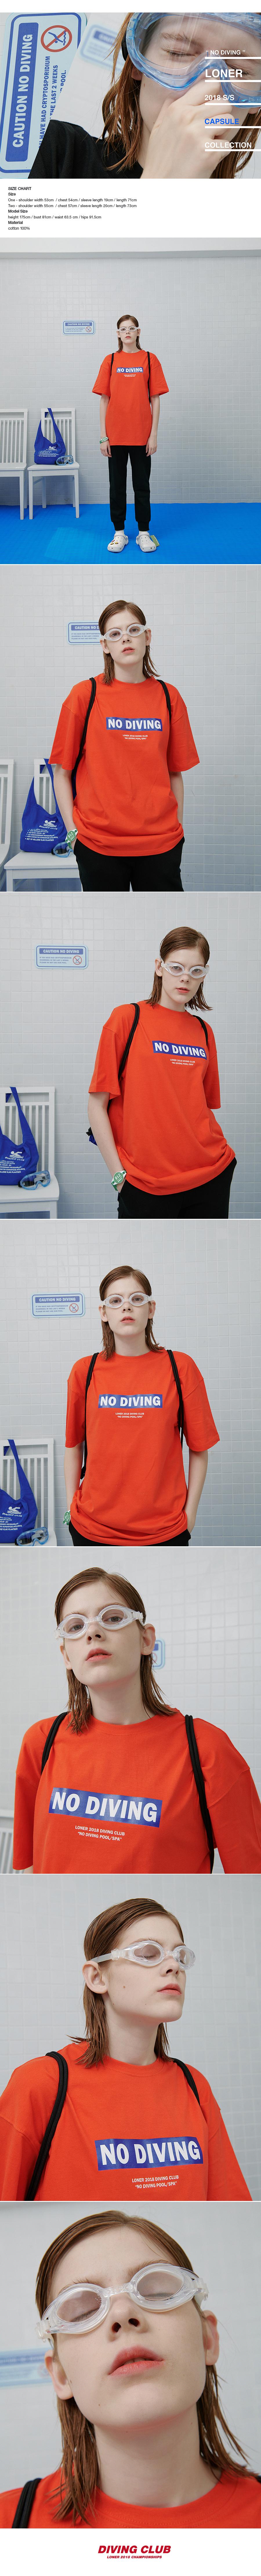 No diving tshirt-orange.jpg